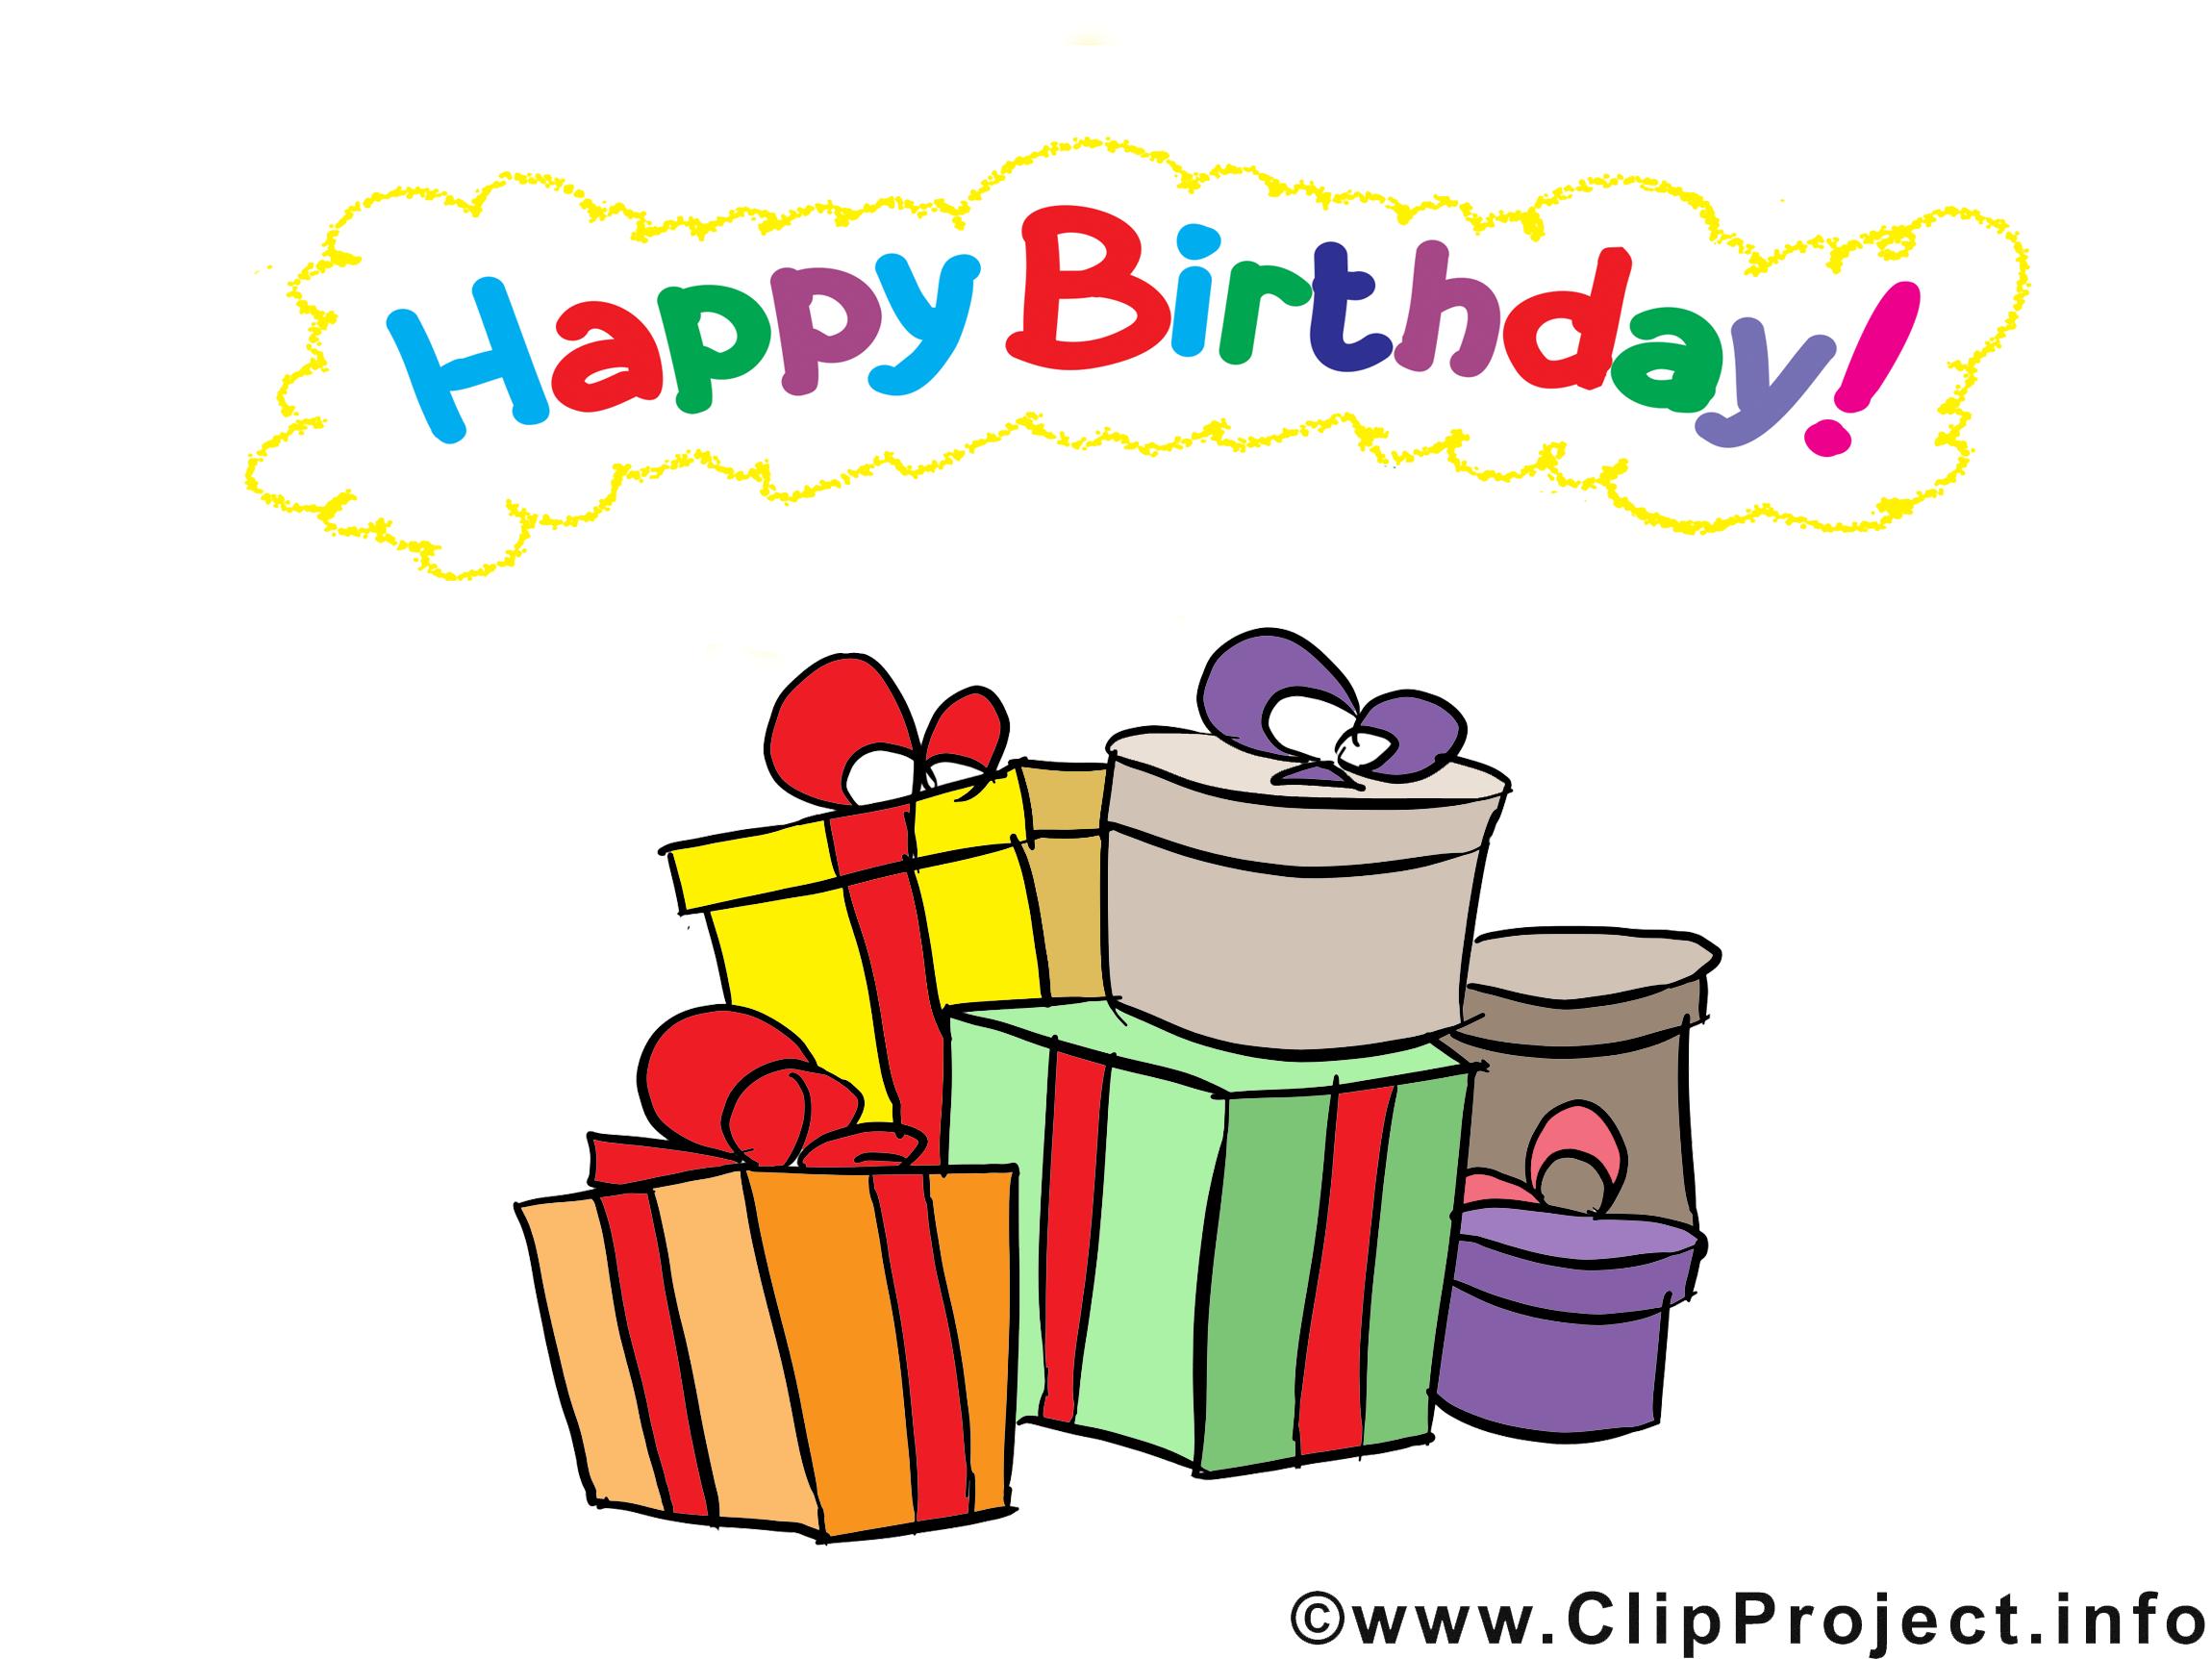 Cadeaux dessin anniversaire cliparts t l charger - Dessin cadeau anniversaire ...